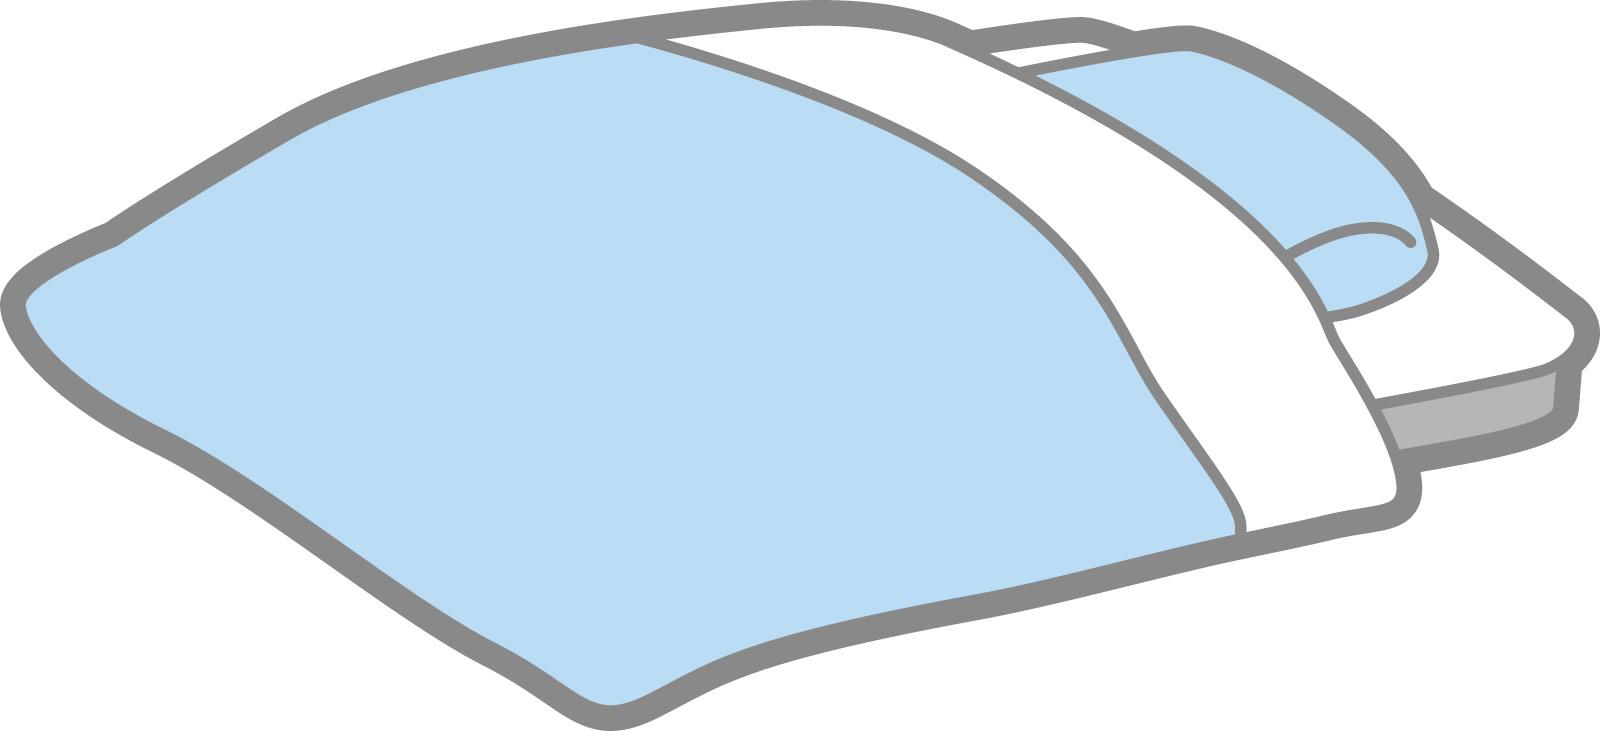 布団のイメージ画像